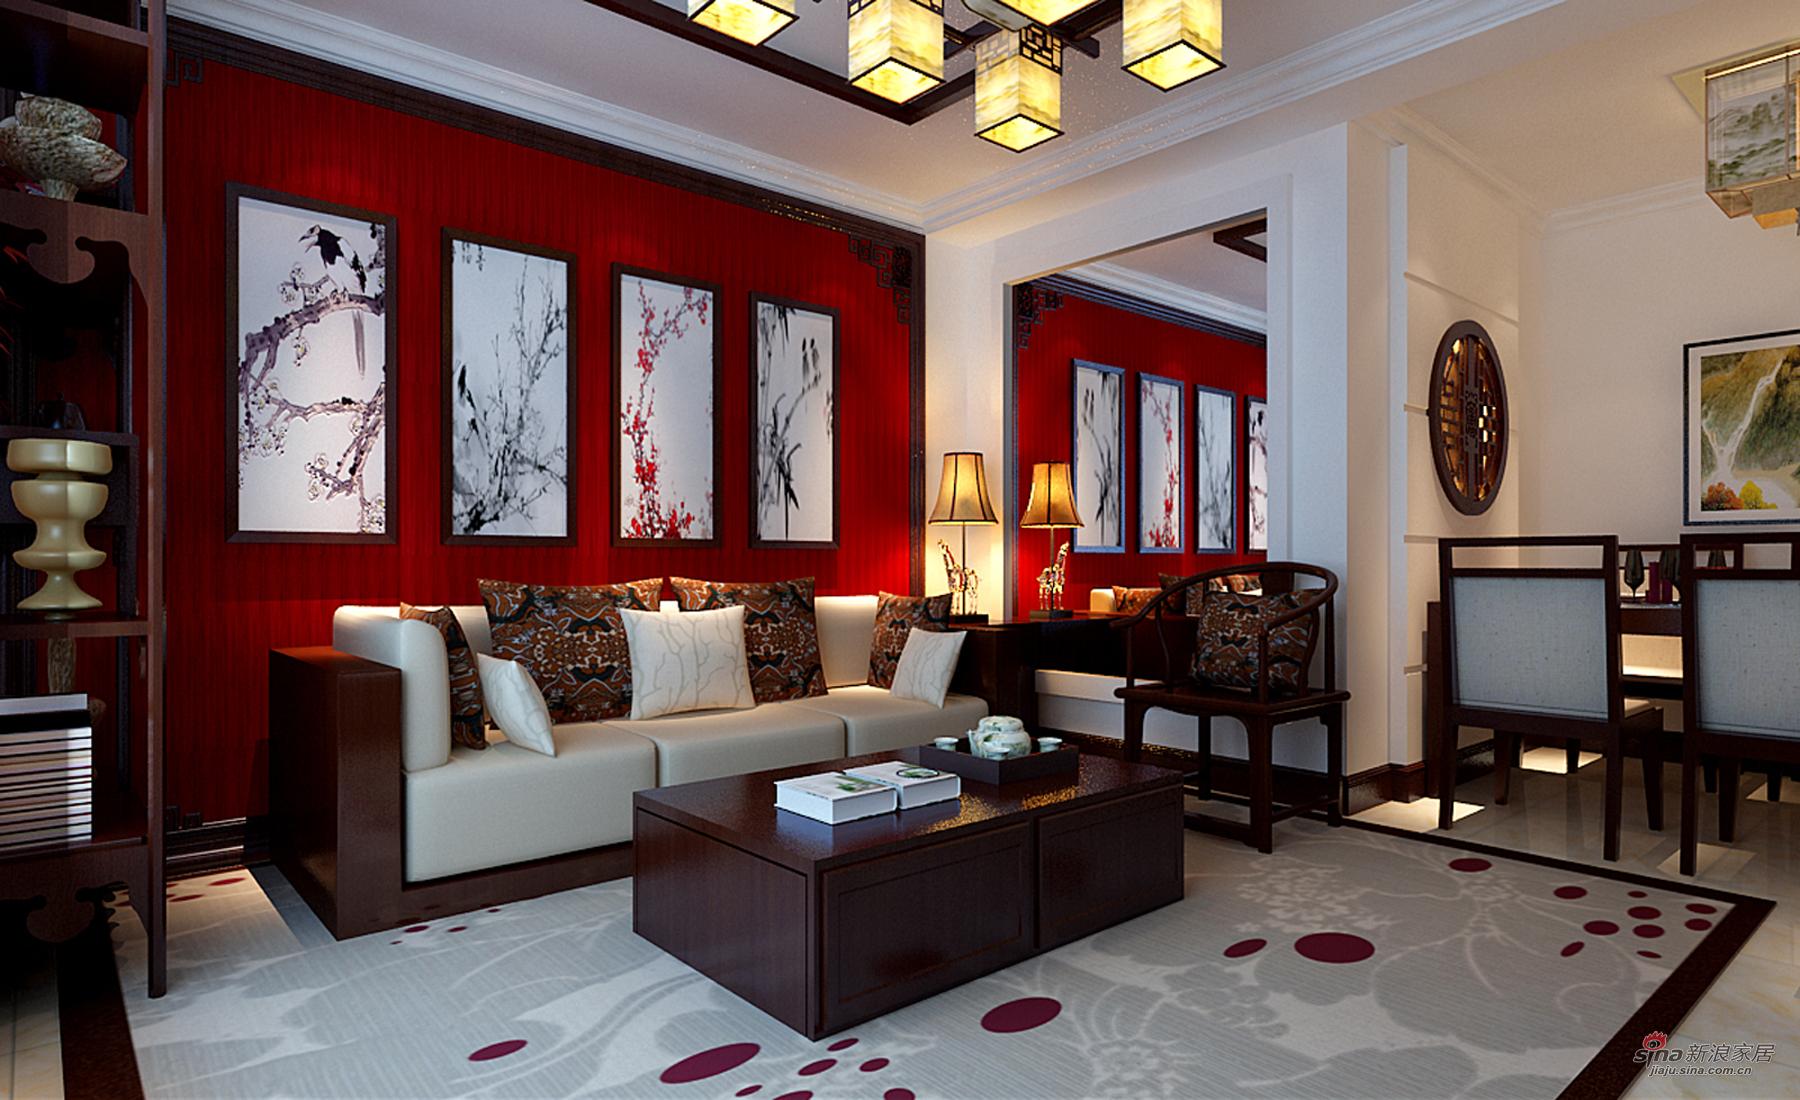 中式 四居 客厅图片来自用户1907658205在11万打造金盏嘉园150平现代欧式四居室51的分享